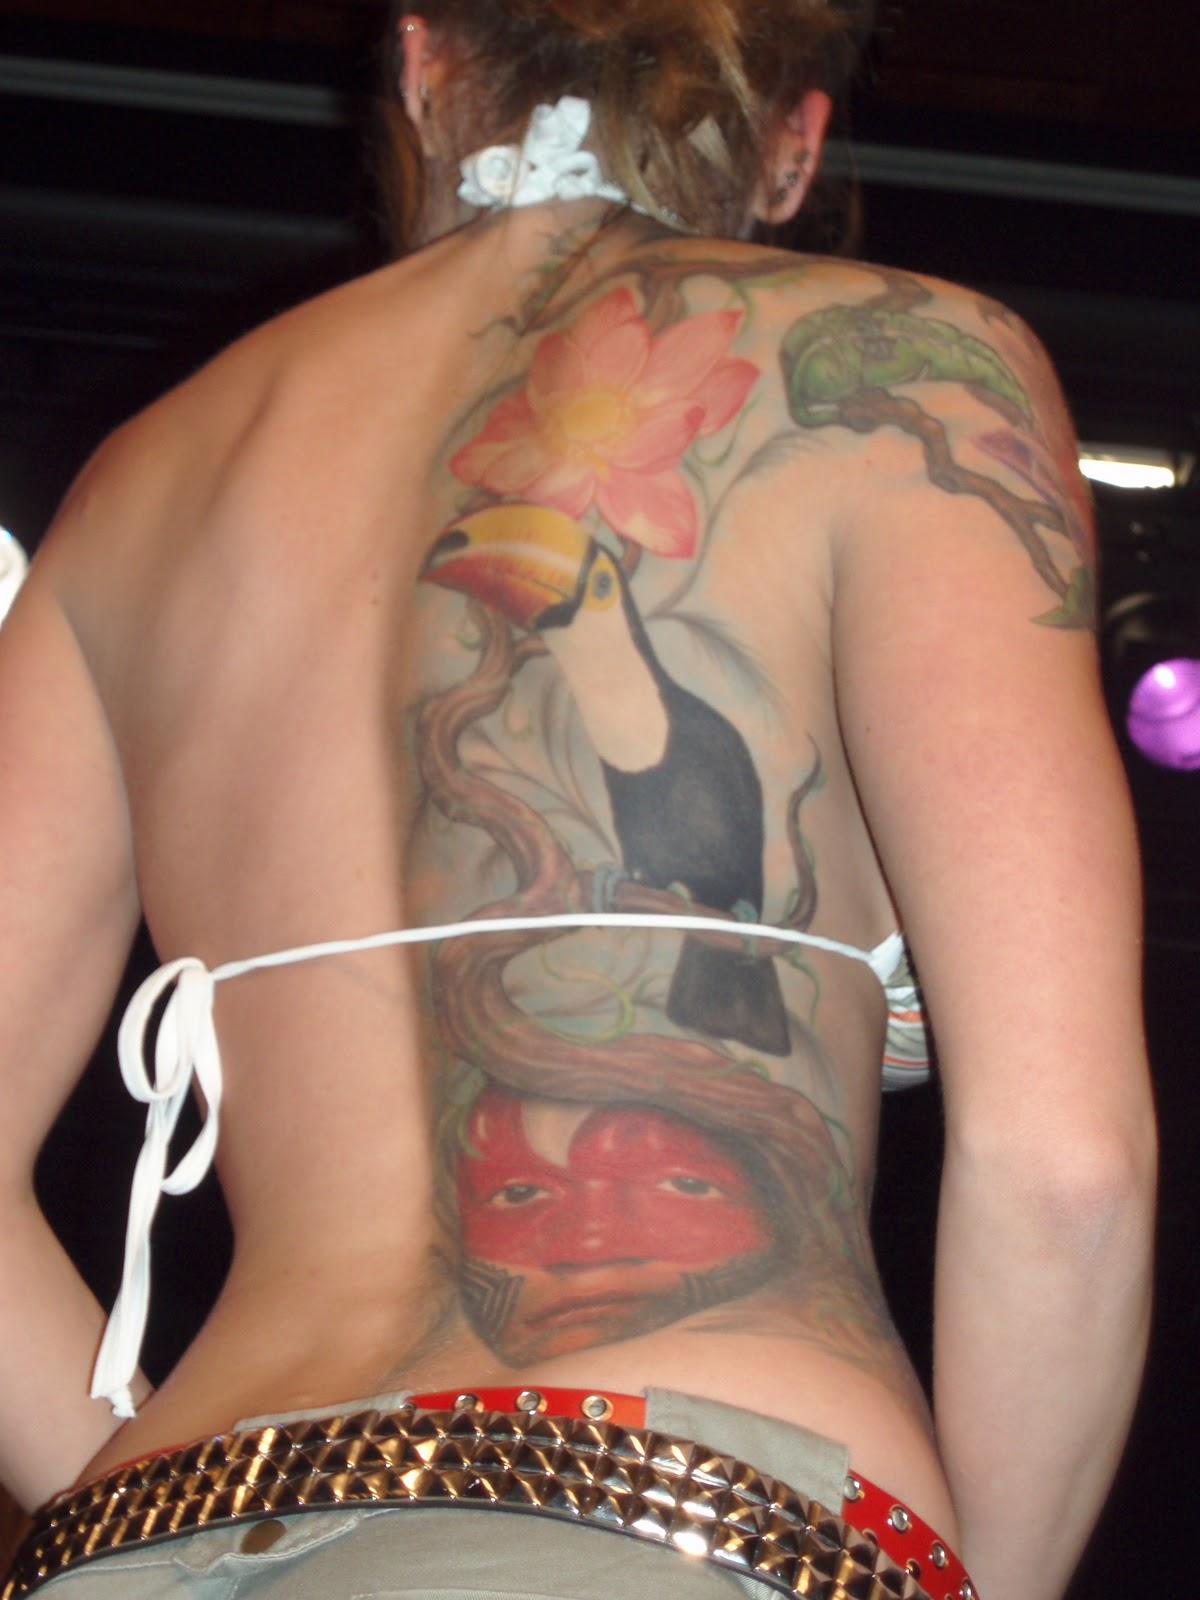 Mel b spice girl naked-2942